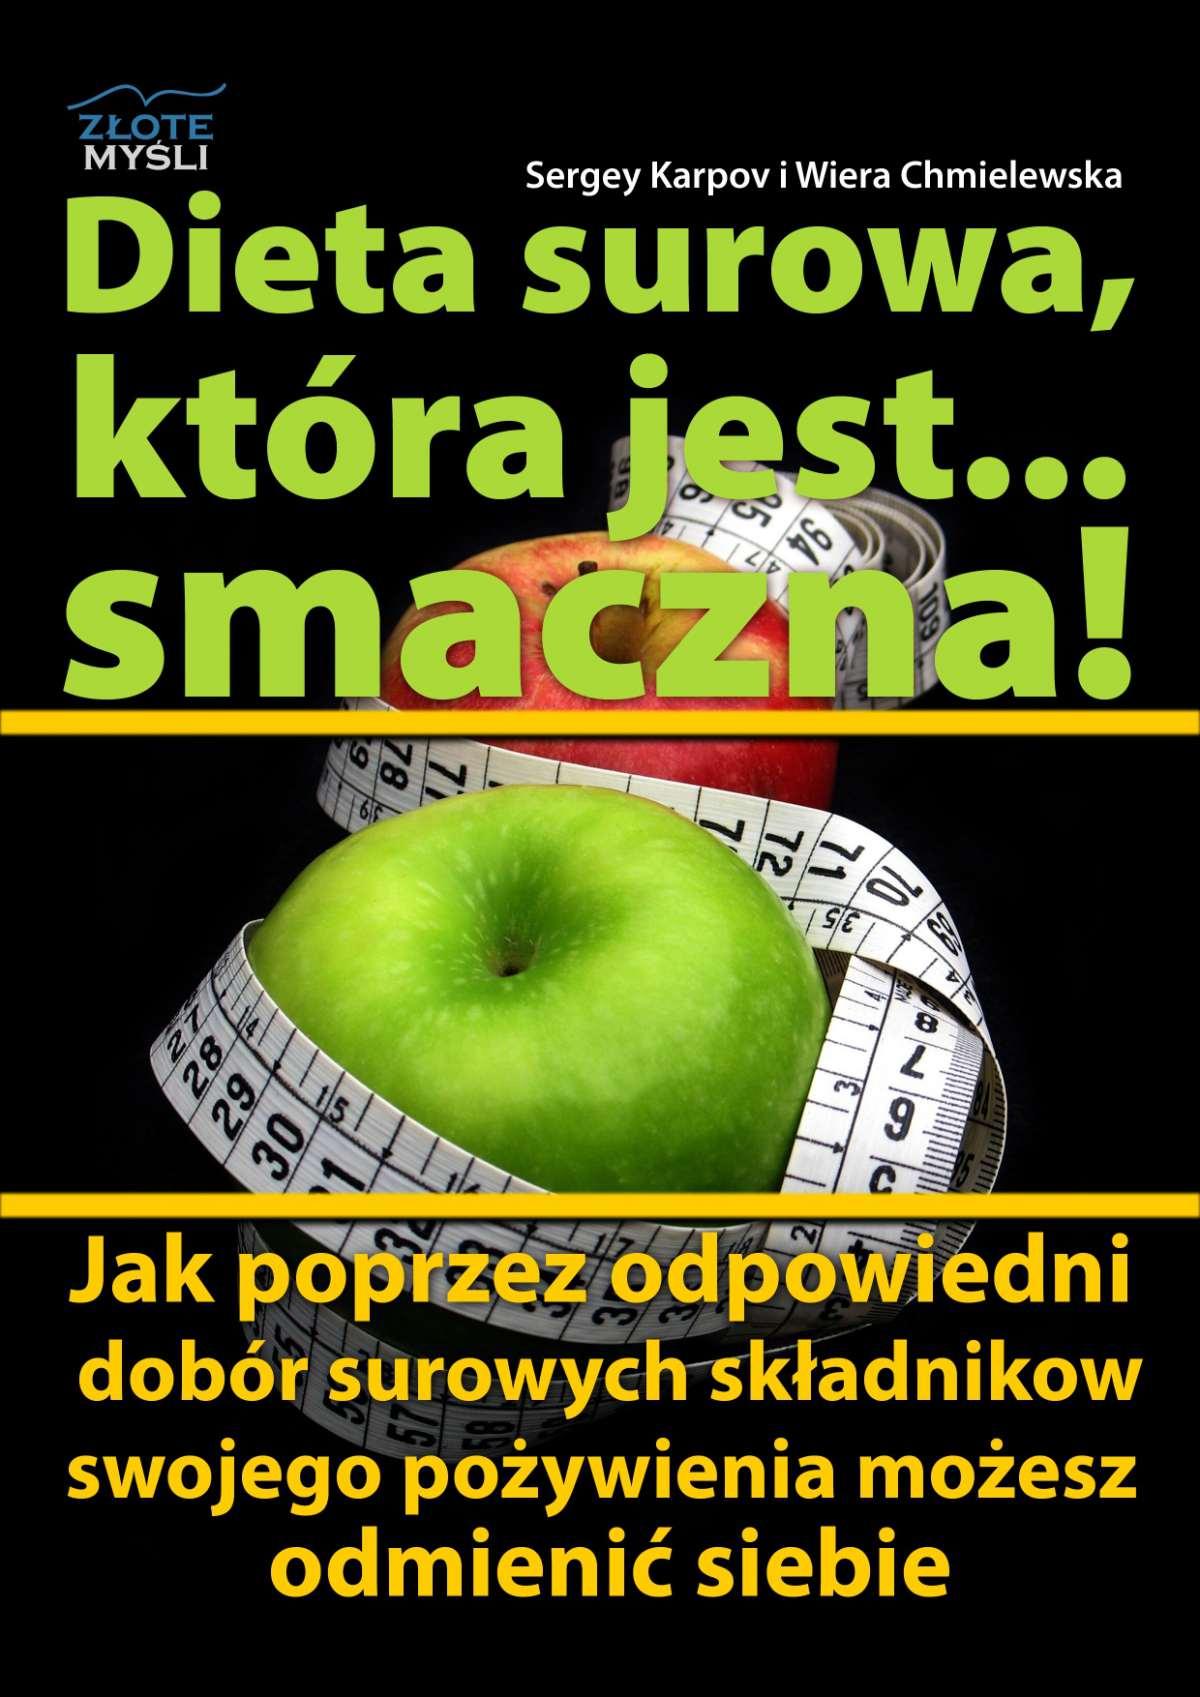 Dieta surowa, która jest... smaczna! - Ebook (Książka PDF) do pobrania w formacie PDF